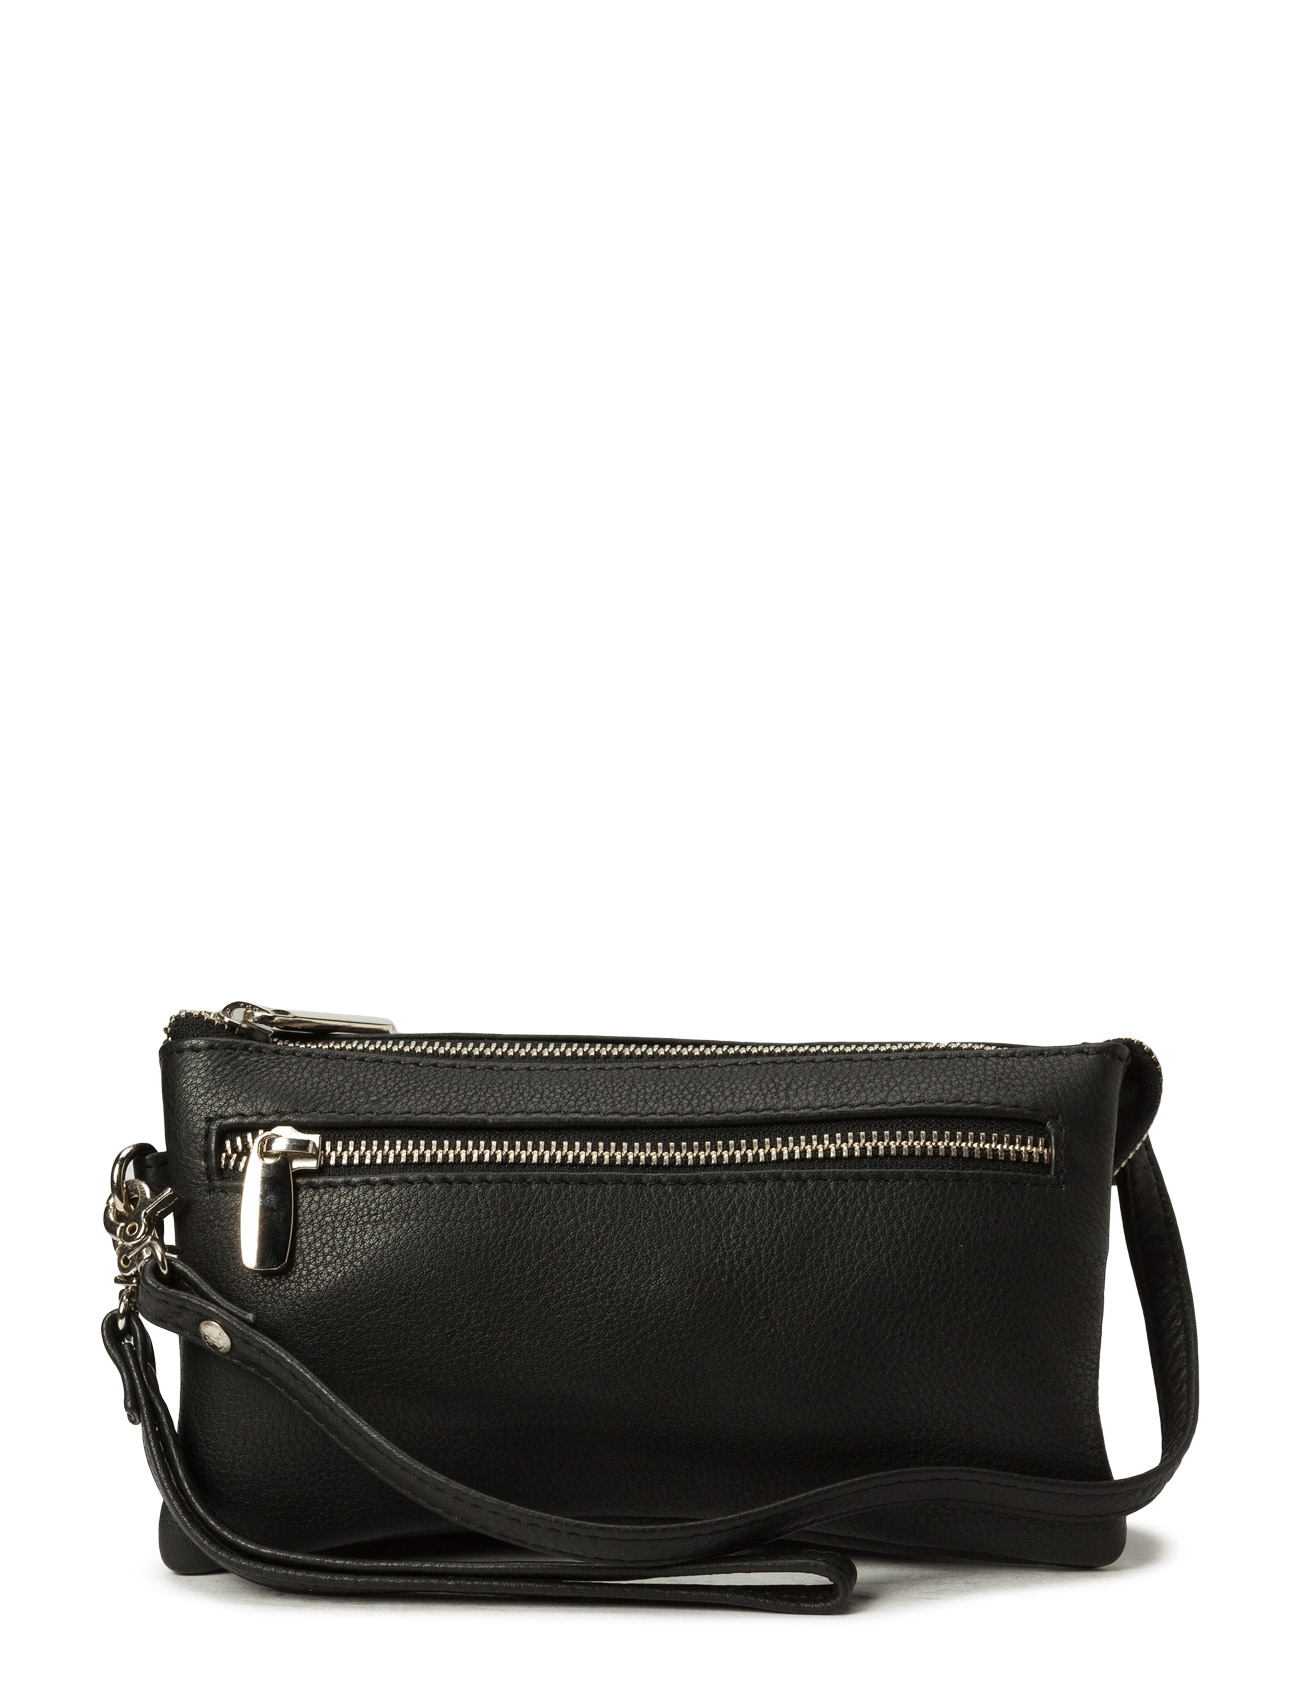 Image of Small Bag (3052915809)